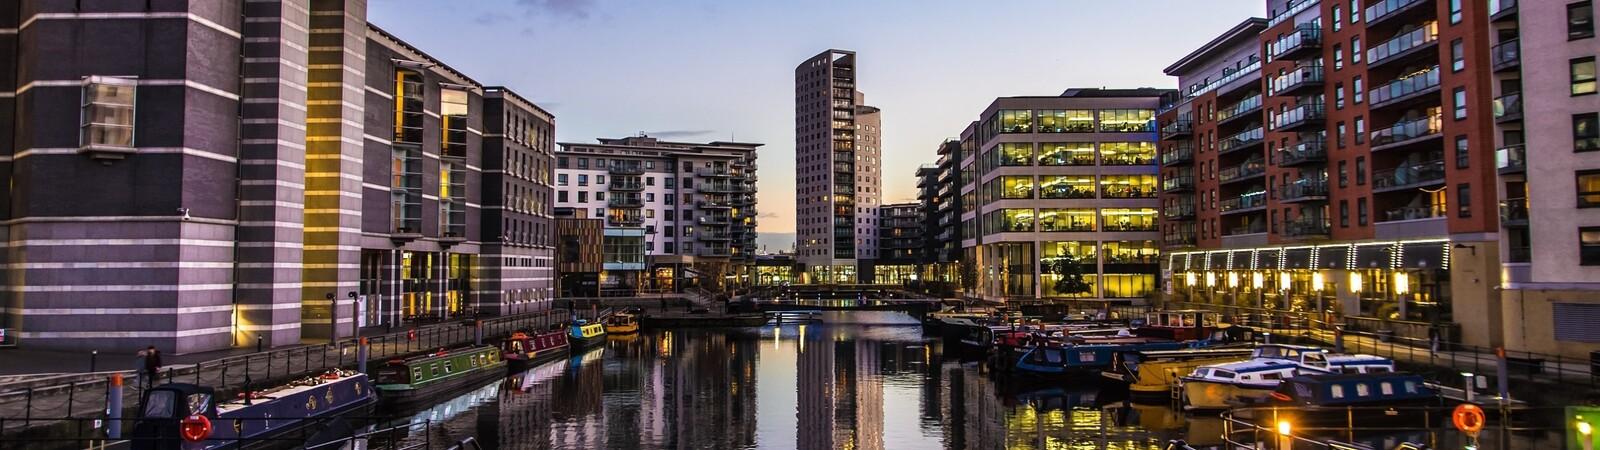 Clarence Dock in Leeds UK